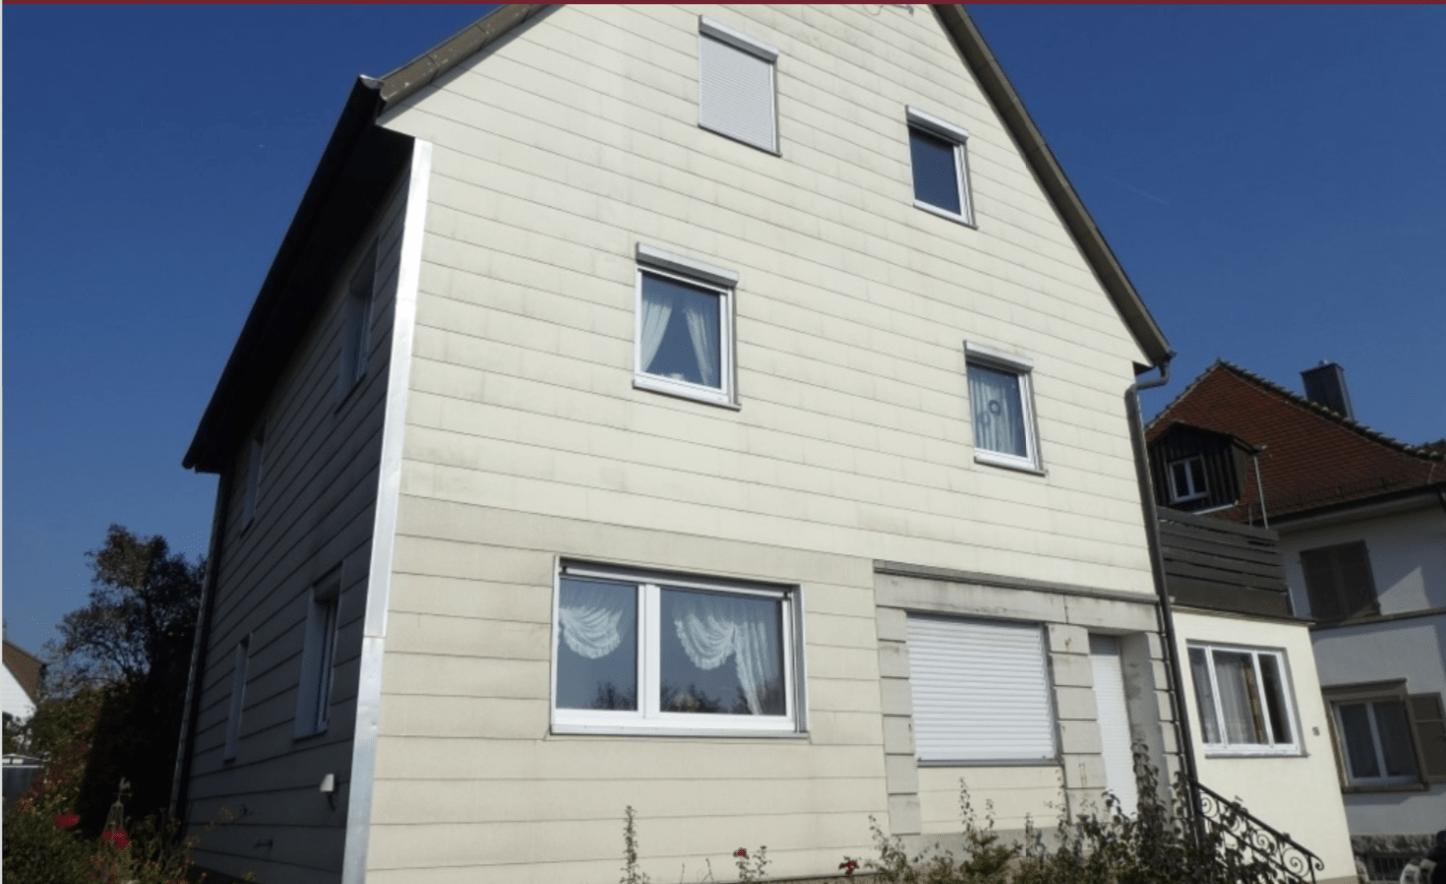 Kernsanierung eines MFH in Crailsheim in bervorzugter Lage